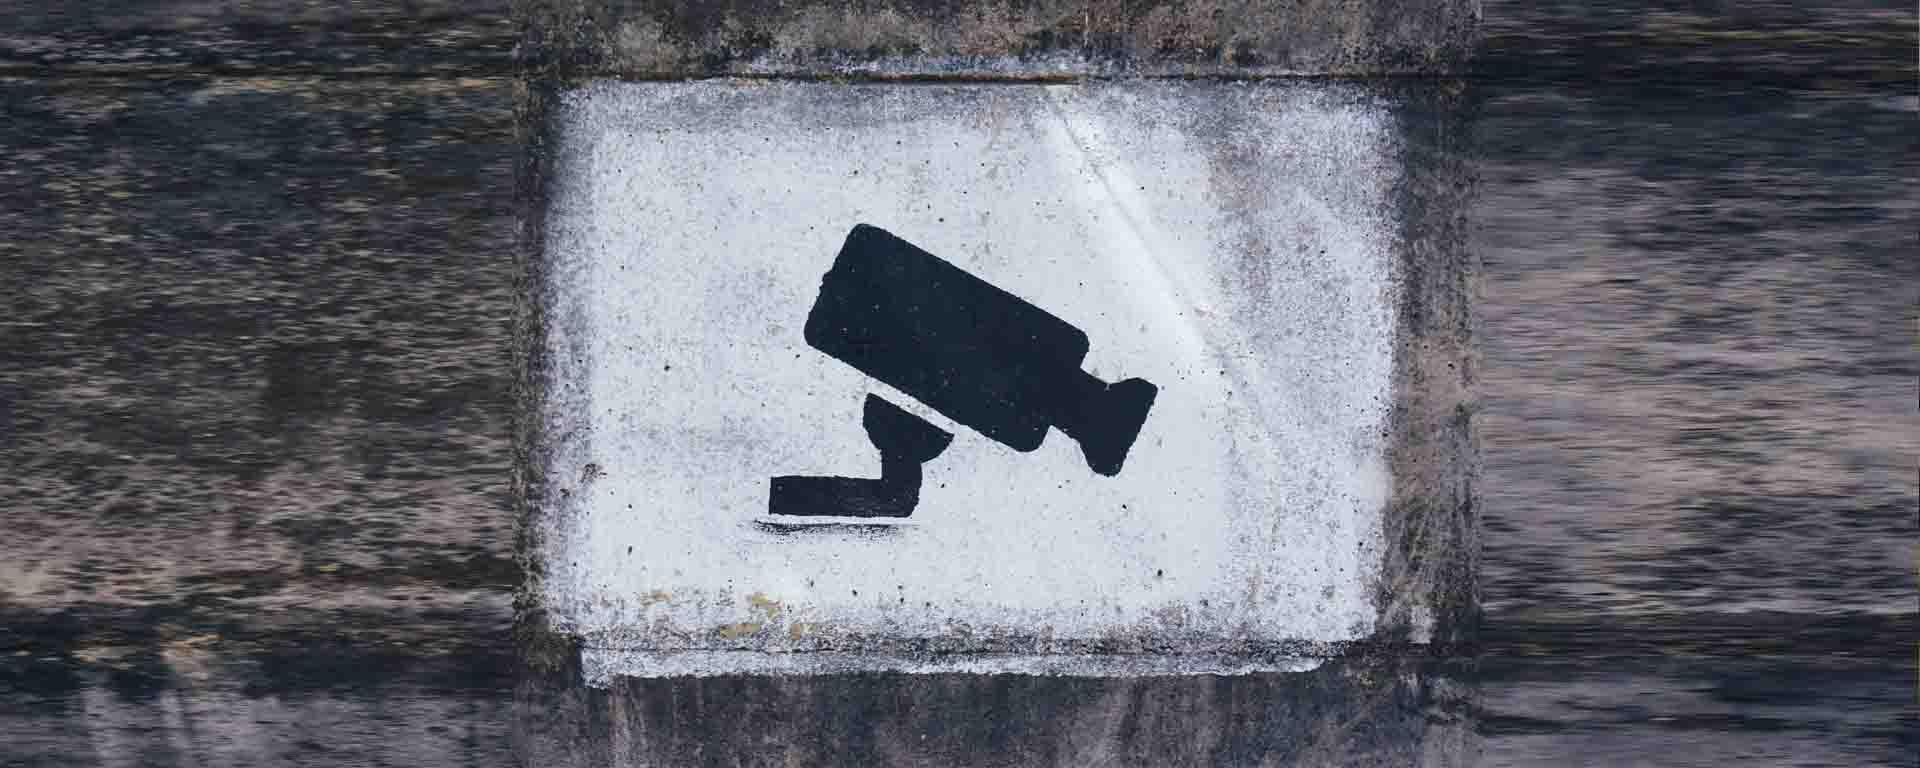 Camera - Privacy